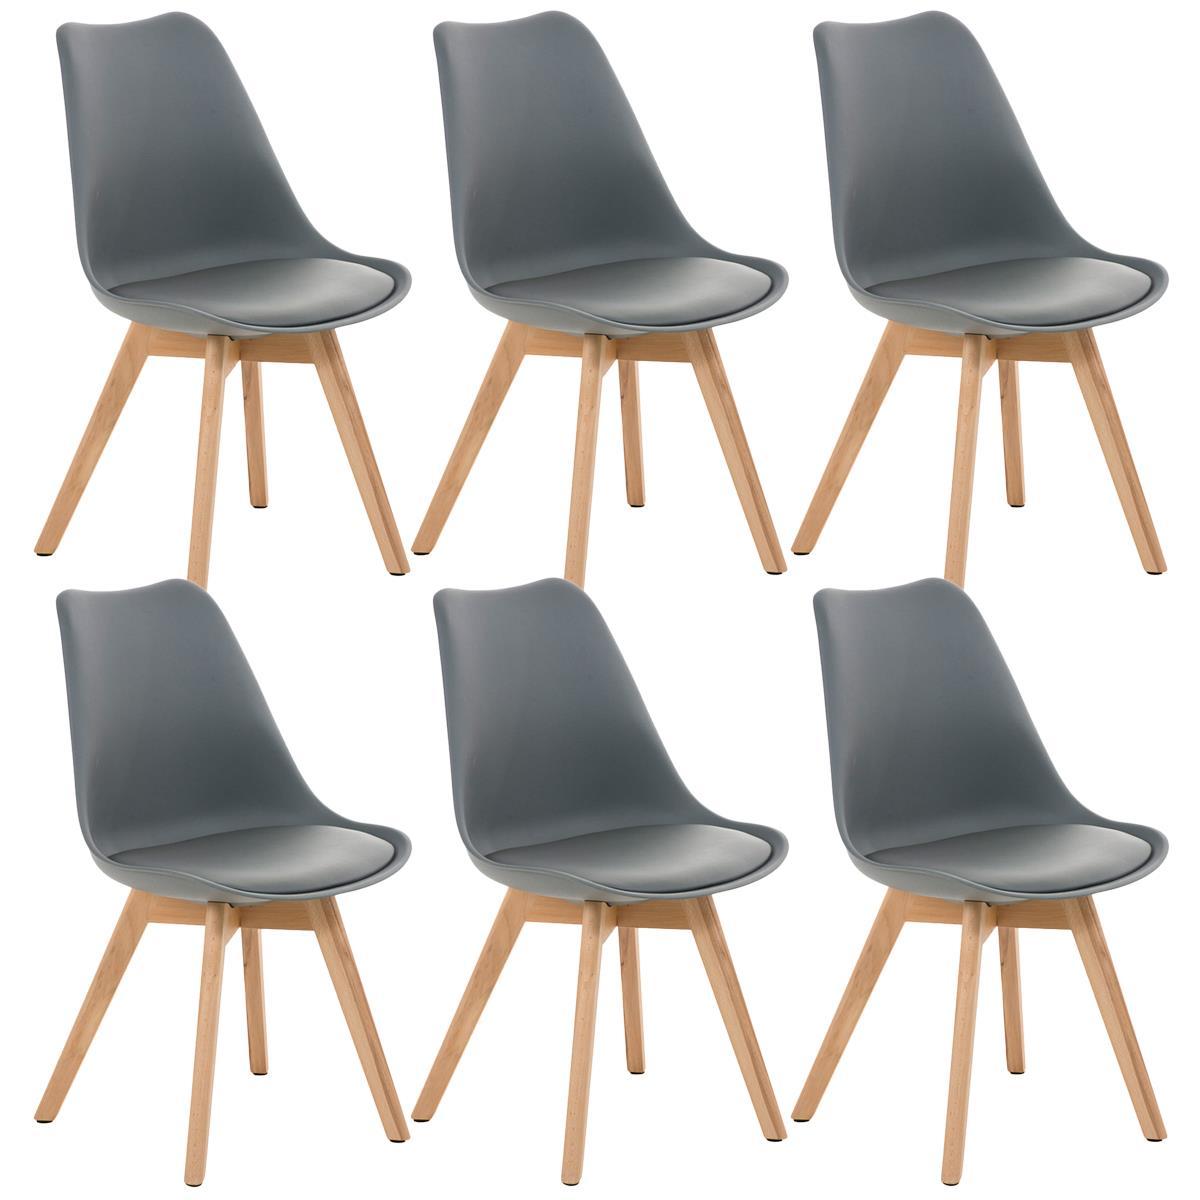 Conjunto de 6 sillas de comedor loren color gris y patas for Sillas de comedor color gris